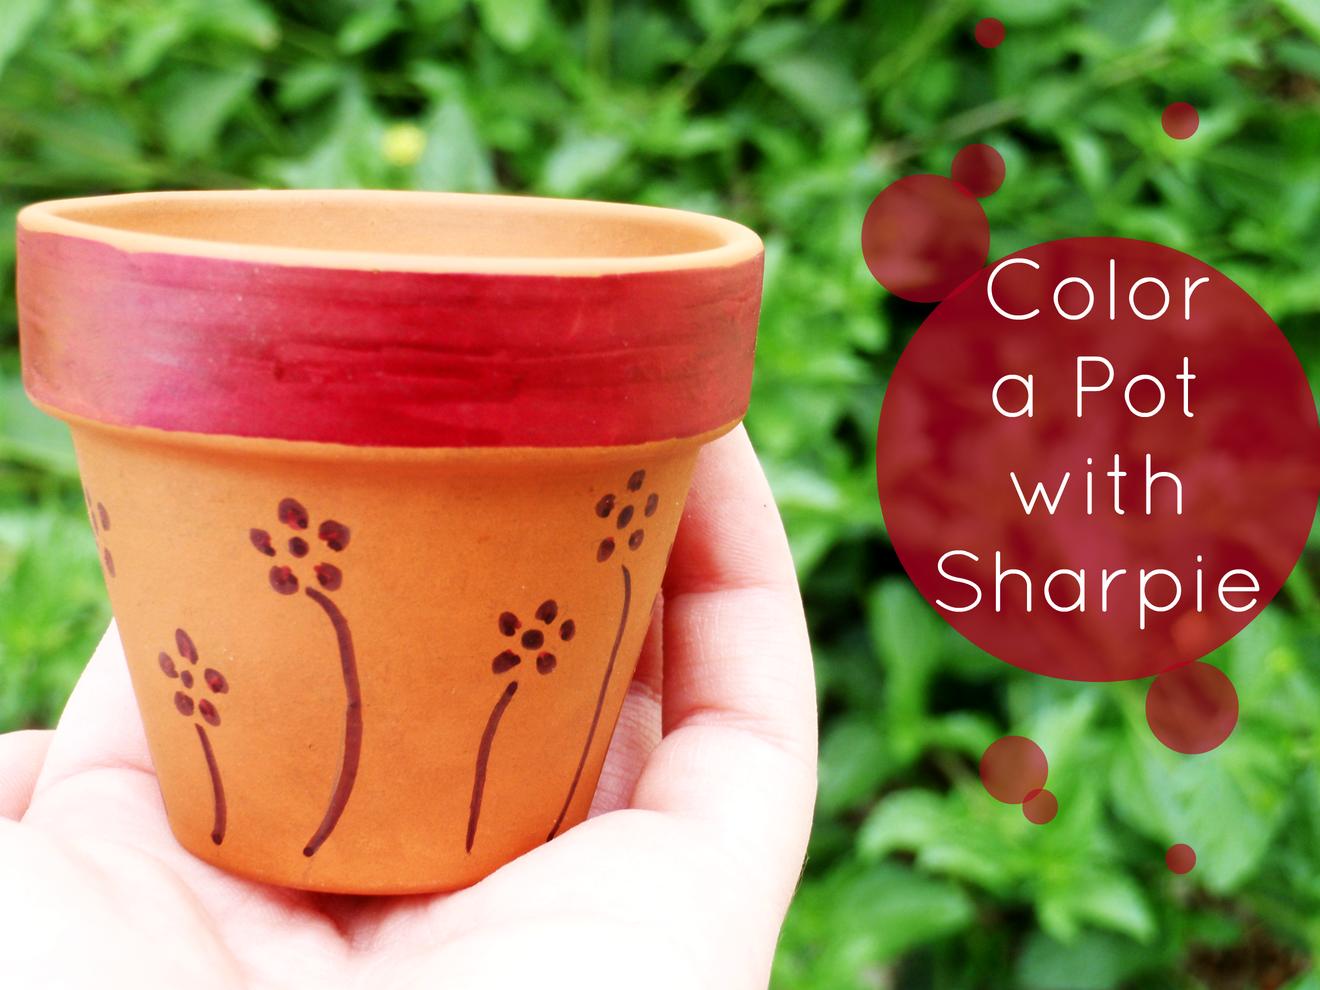 Sharpie-Colored Pot